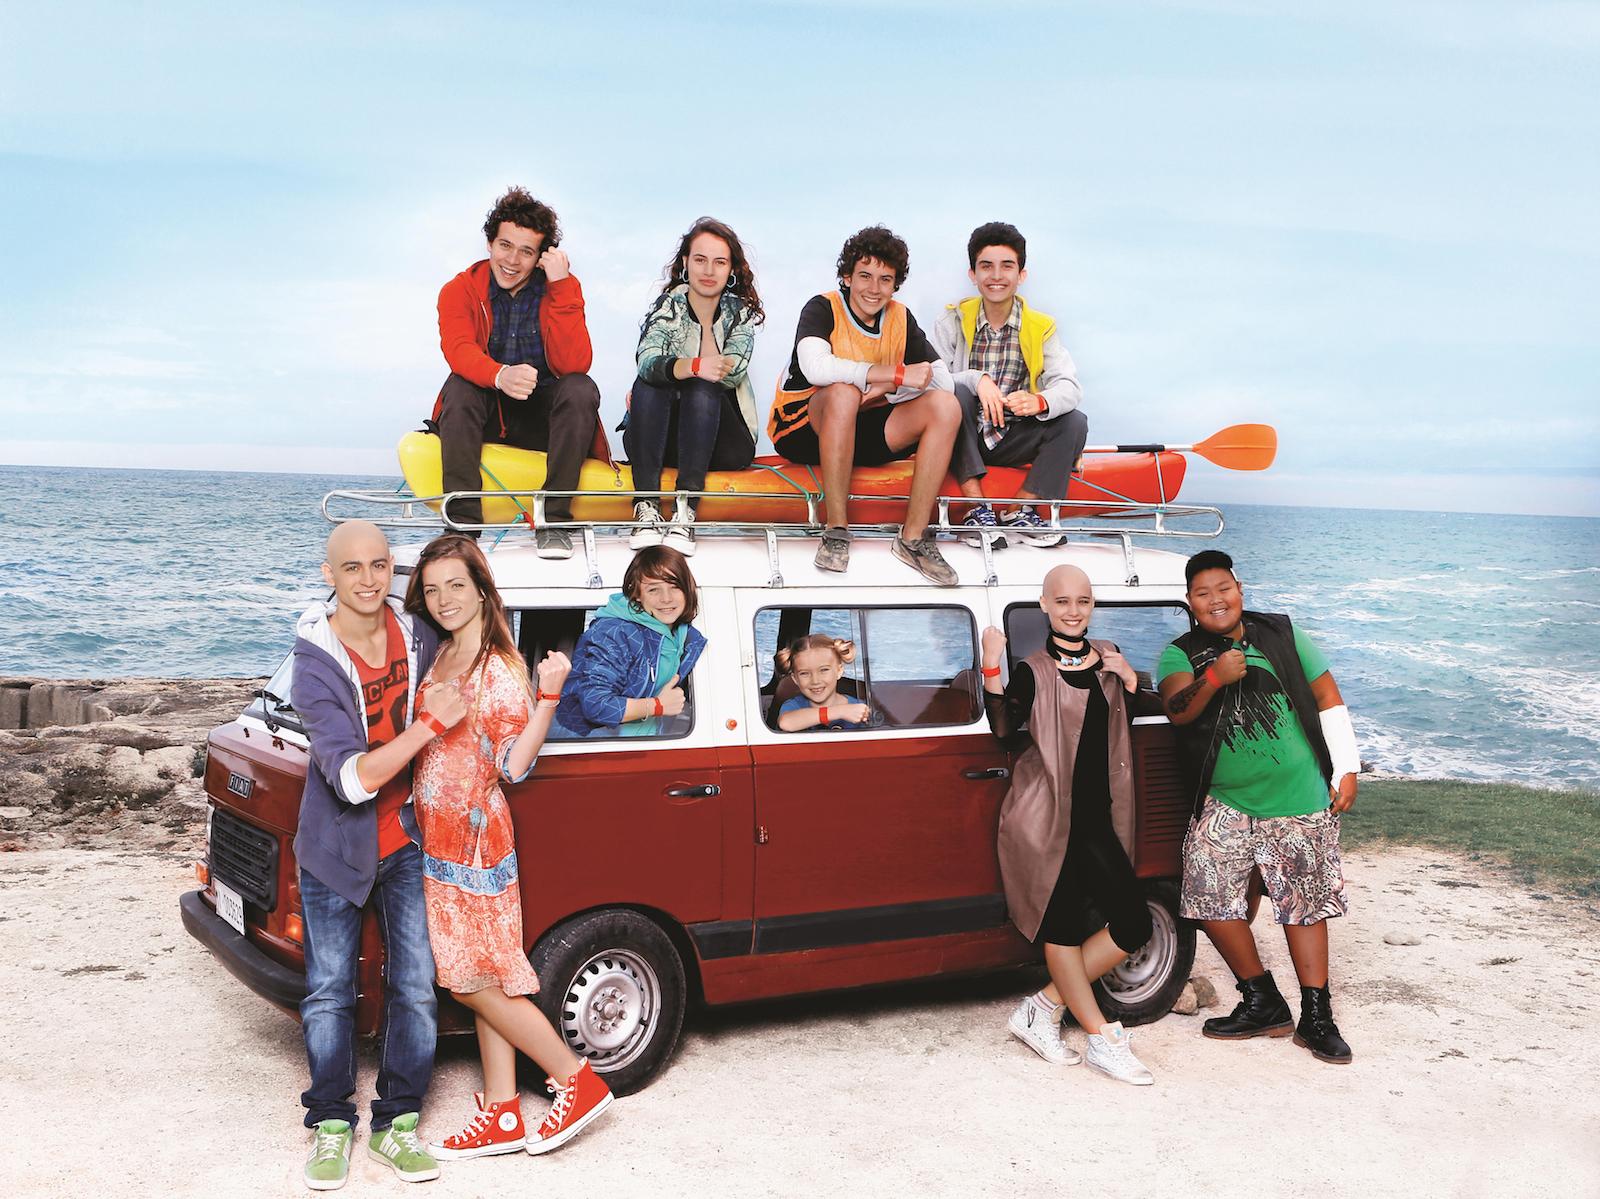 Braccialetti rossi 2: il cast in una foto promozionale